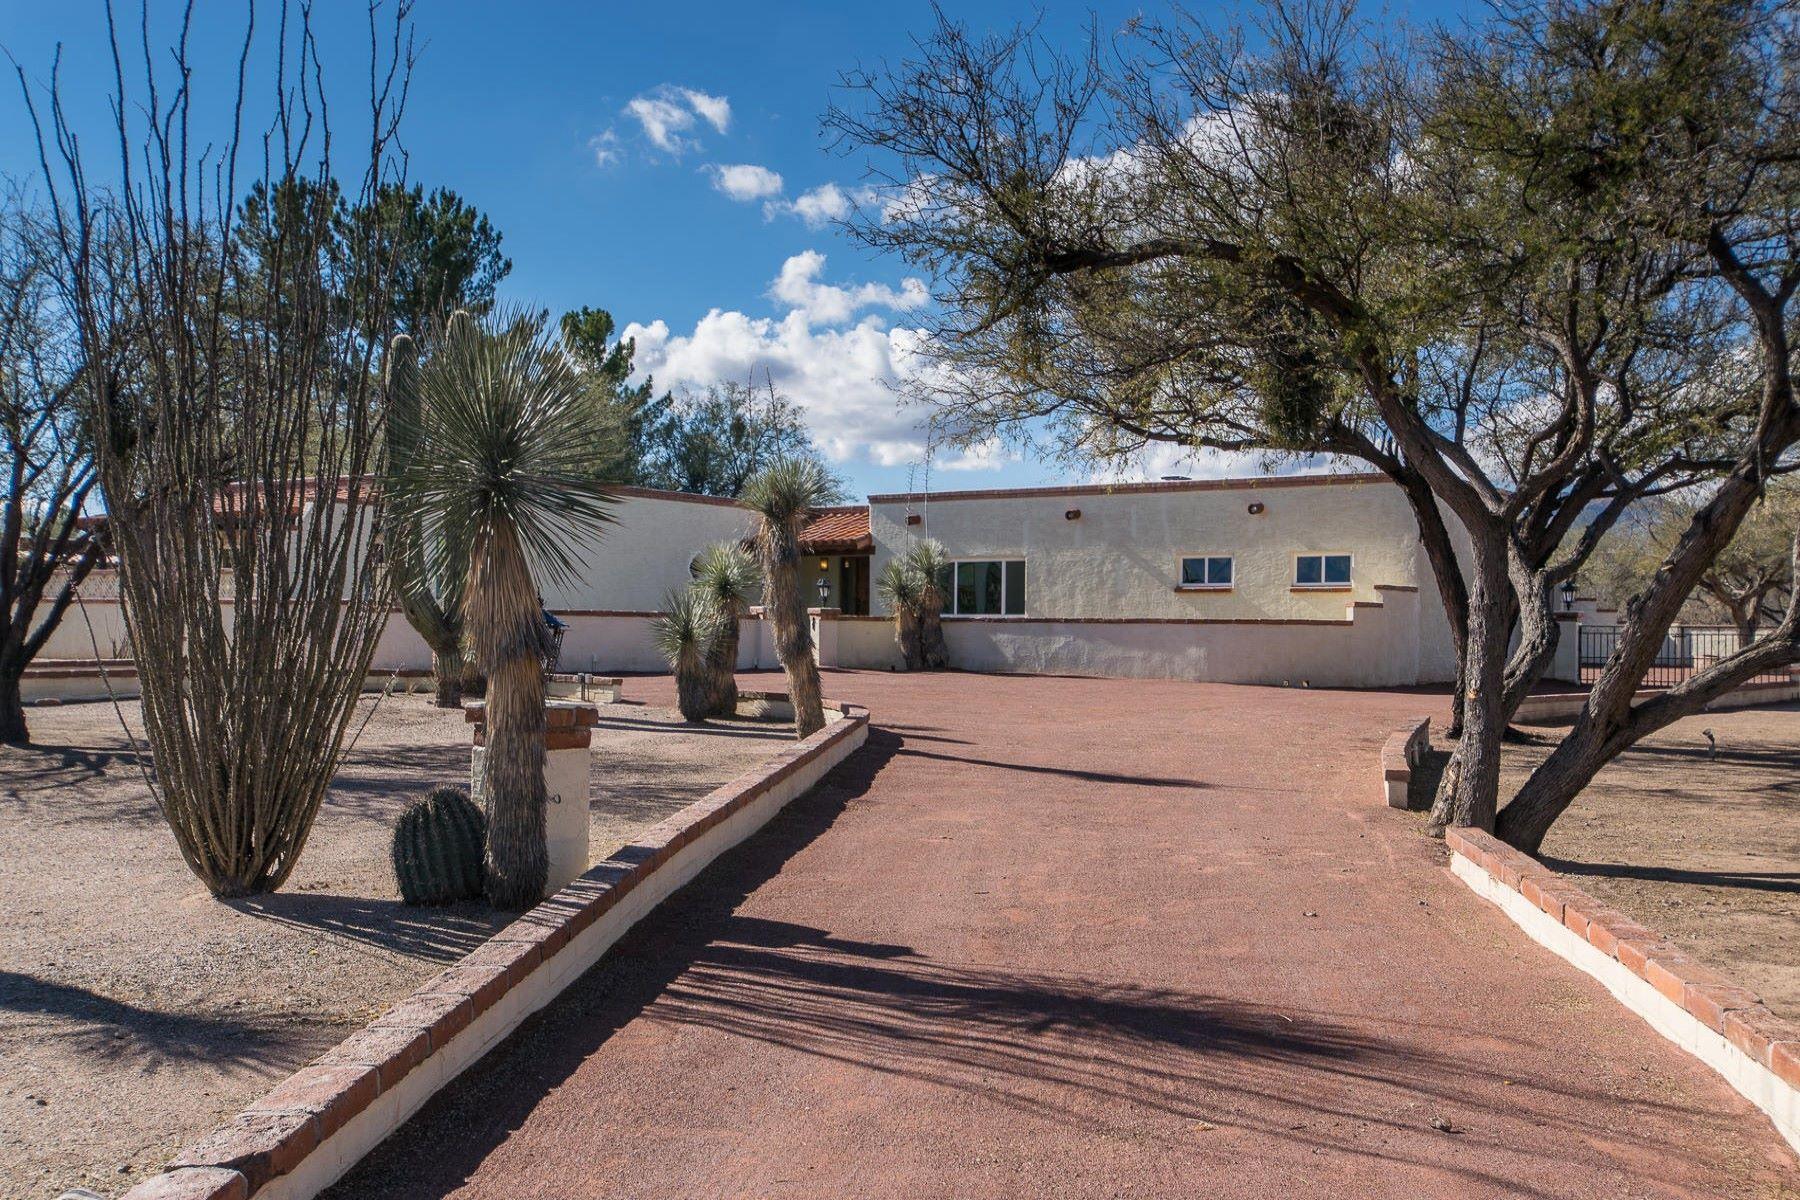 Maison unifamiliale pour l Vente à Three bedroom home with views 2364 Camino Esplendido Tubac, Arizona, 85646 États-Unis